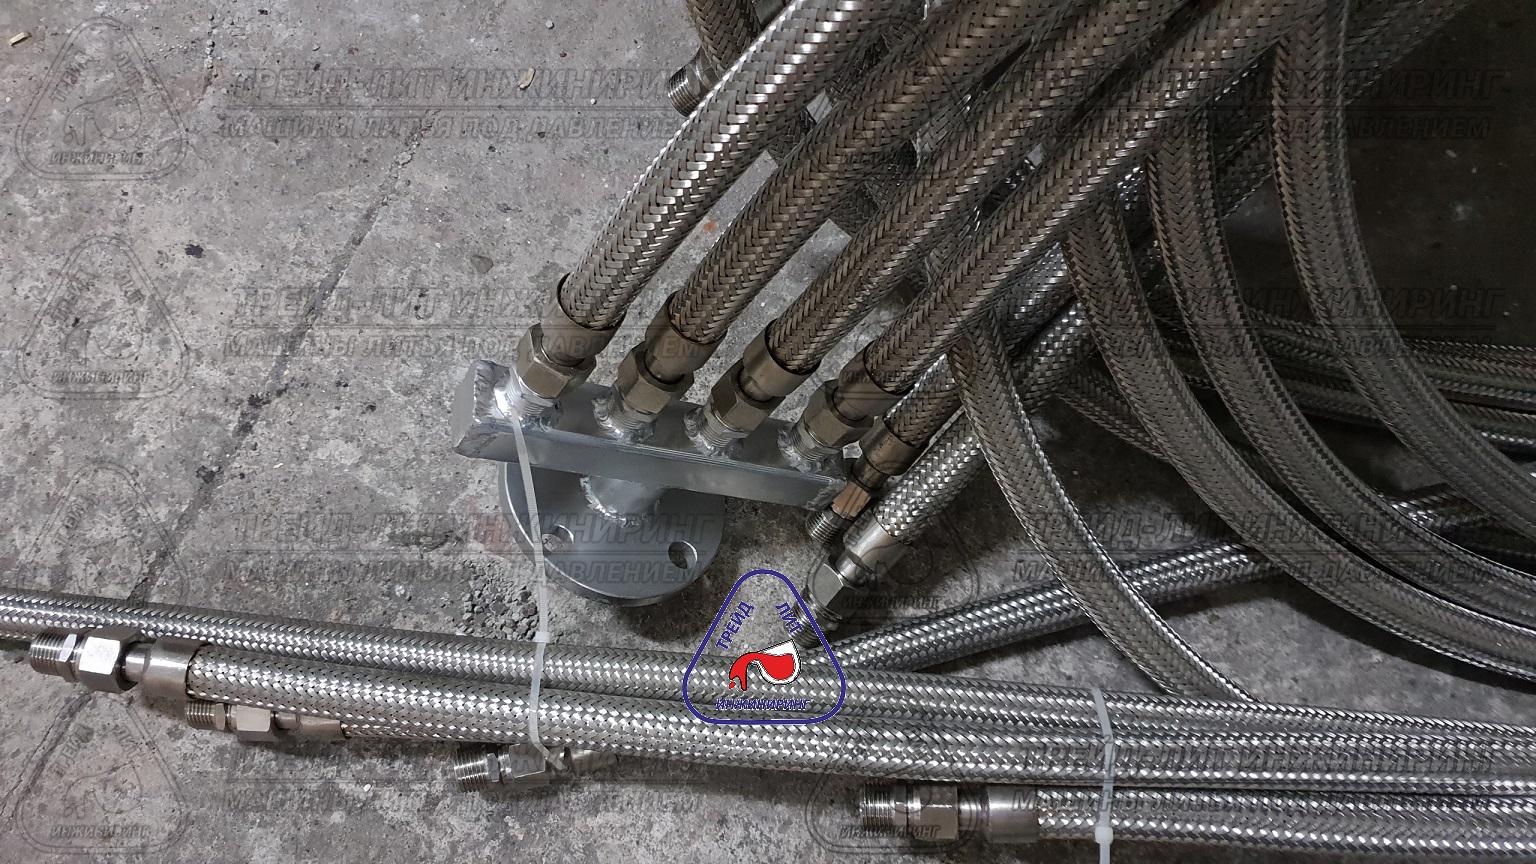 Коллекторы присоединительного узла с присоединенными металлическими рукавами. Фотография сделана при распаковке термостата перед установкой коллекторов на задвижки